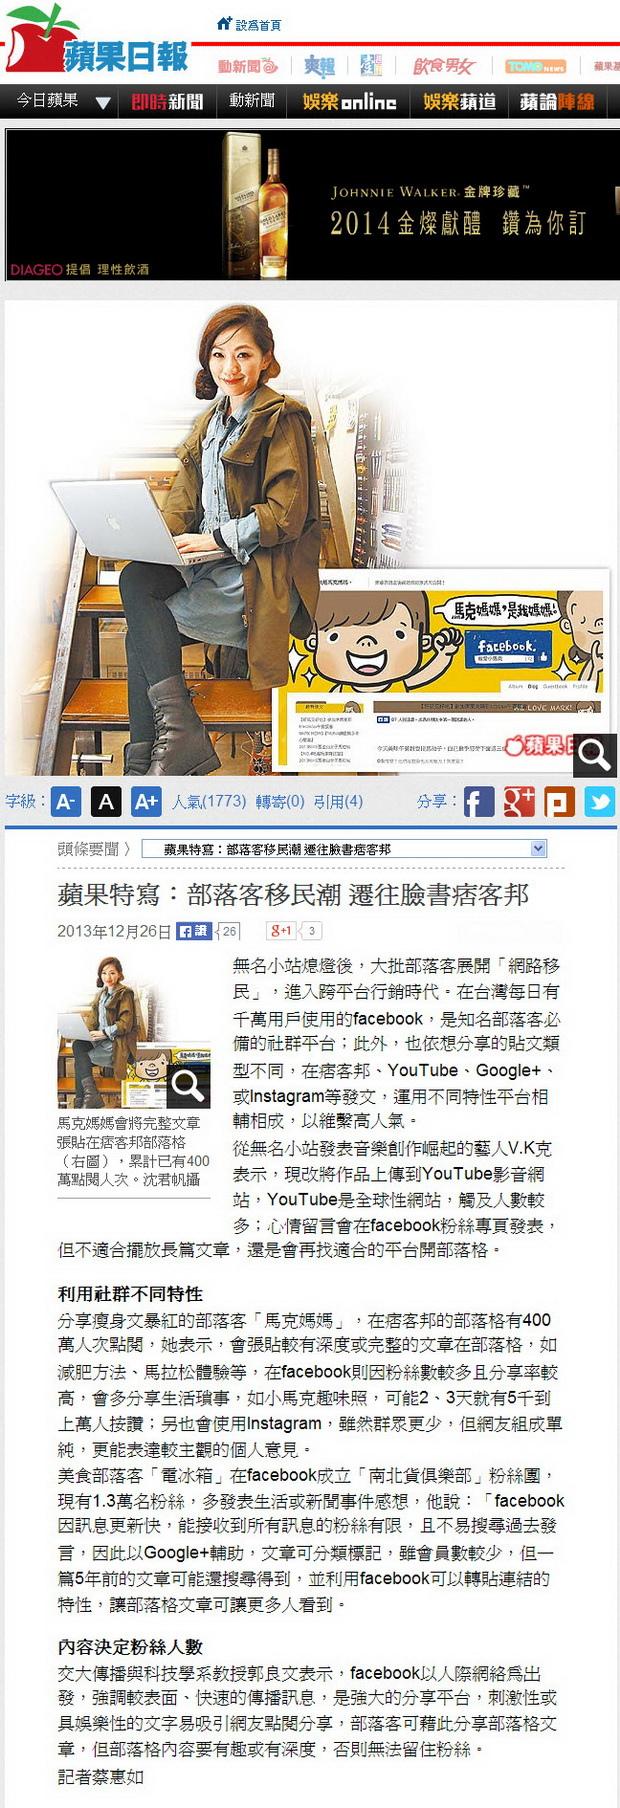 蘋果特寫:部落客移民潮 遷往臉書痞客邦-2013.12.26.jpg